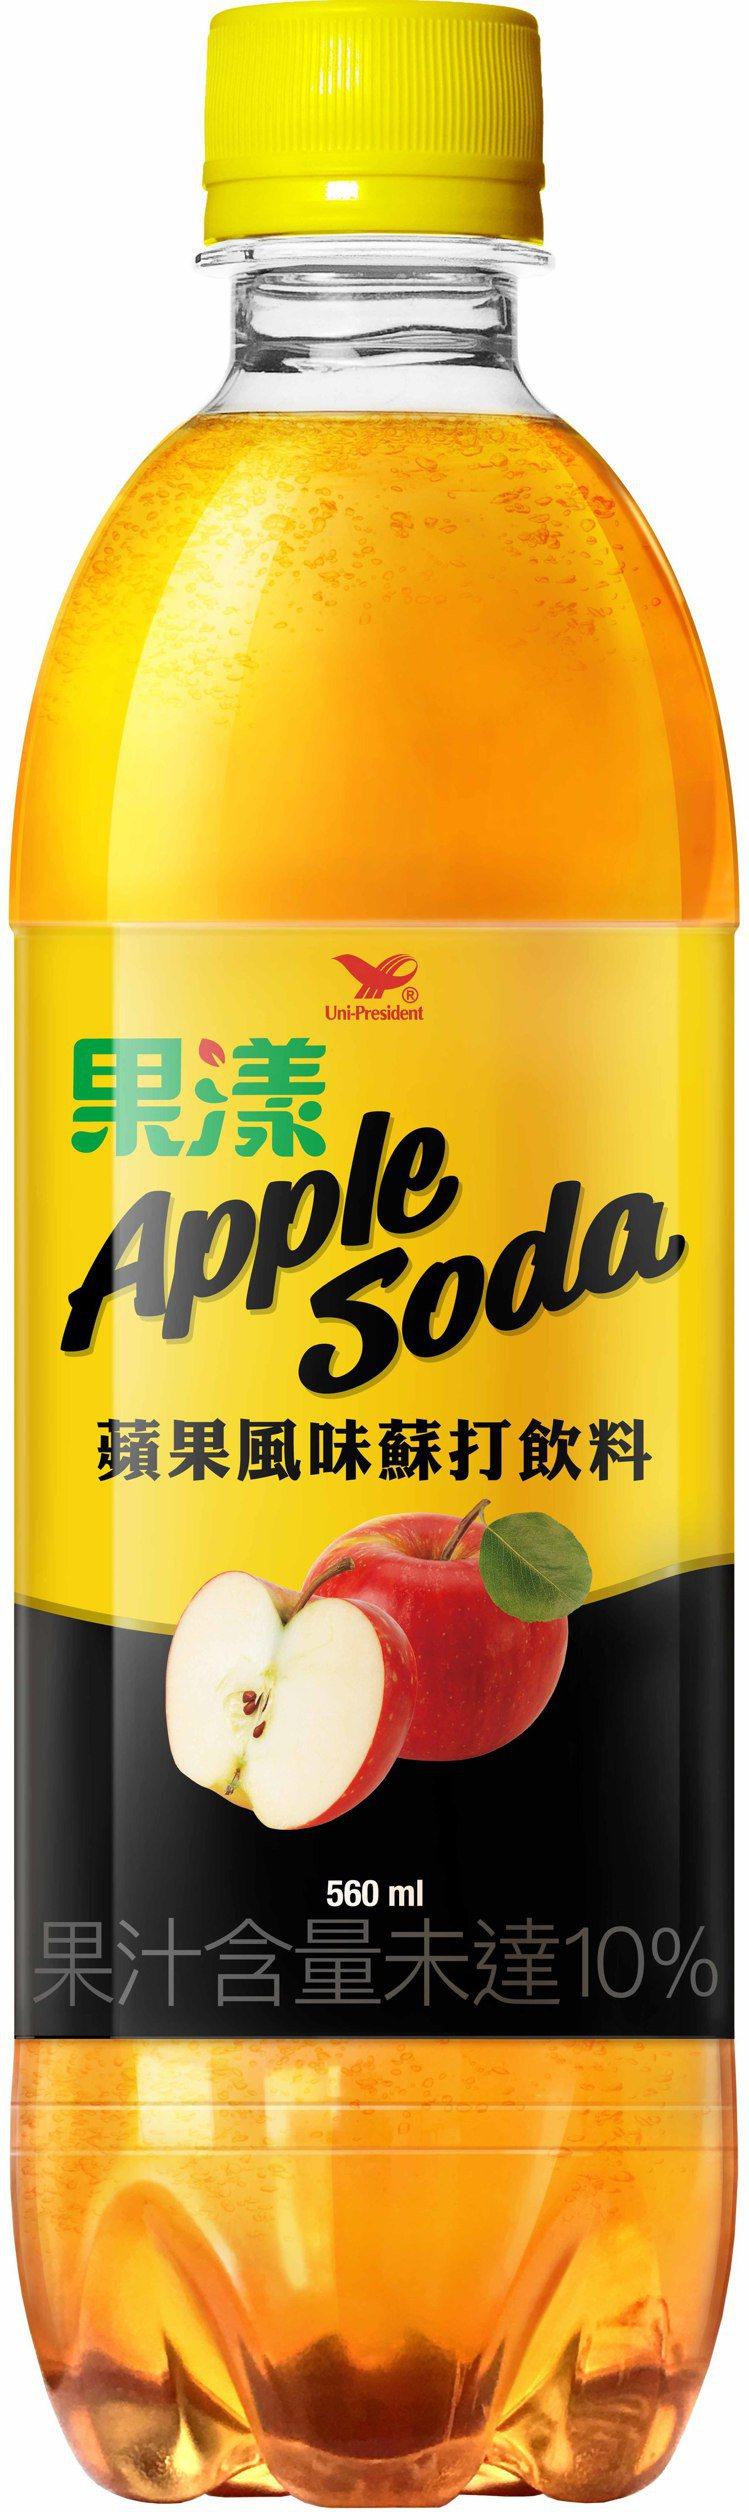 果漾蘋果風味蘇打飲料,售價29元。圖/7-ELEVEN提供